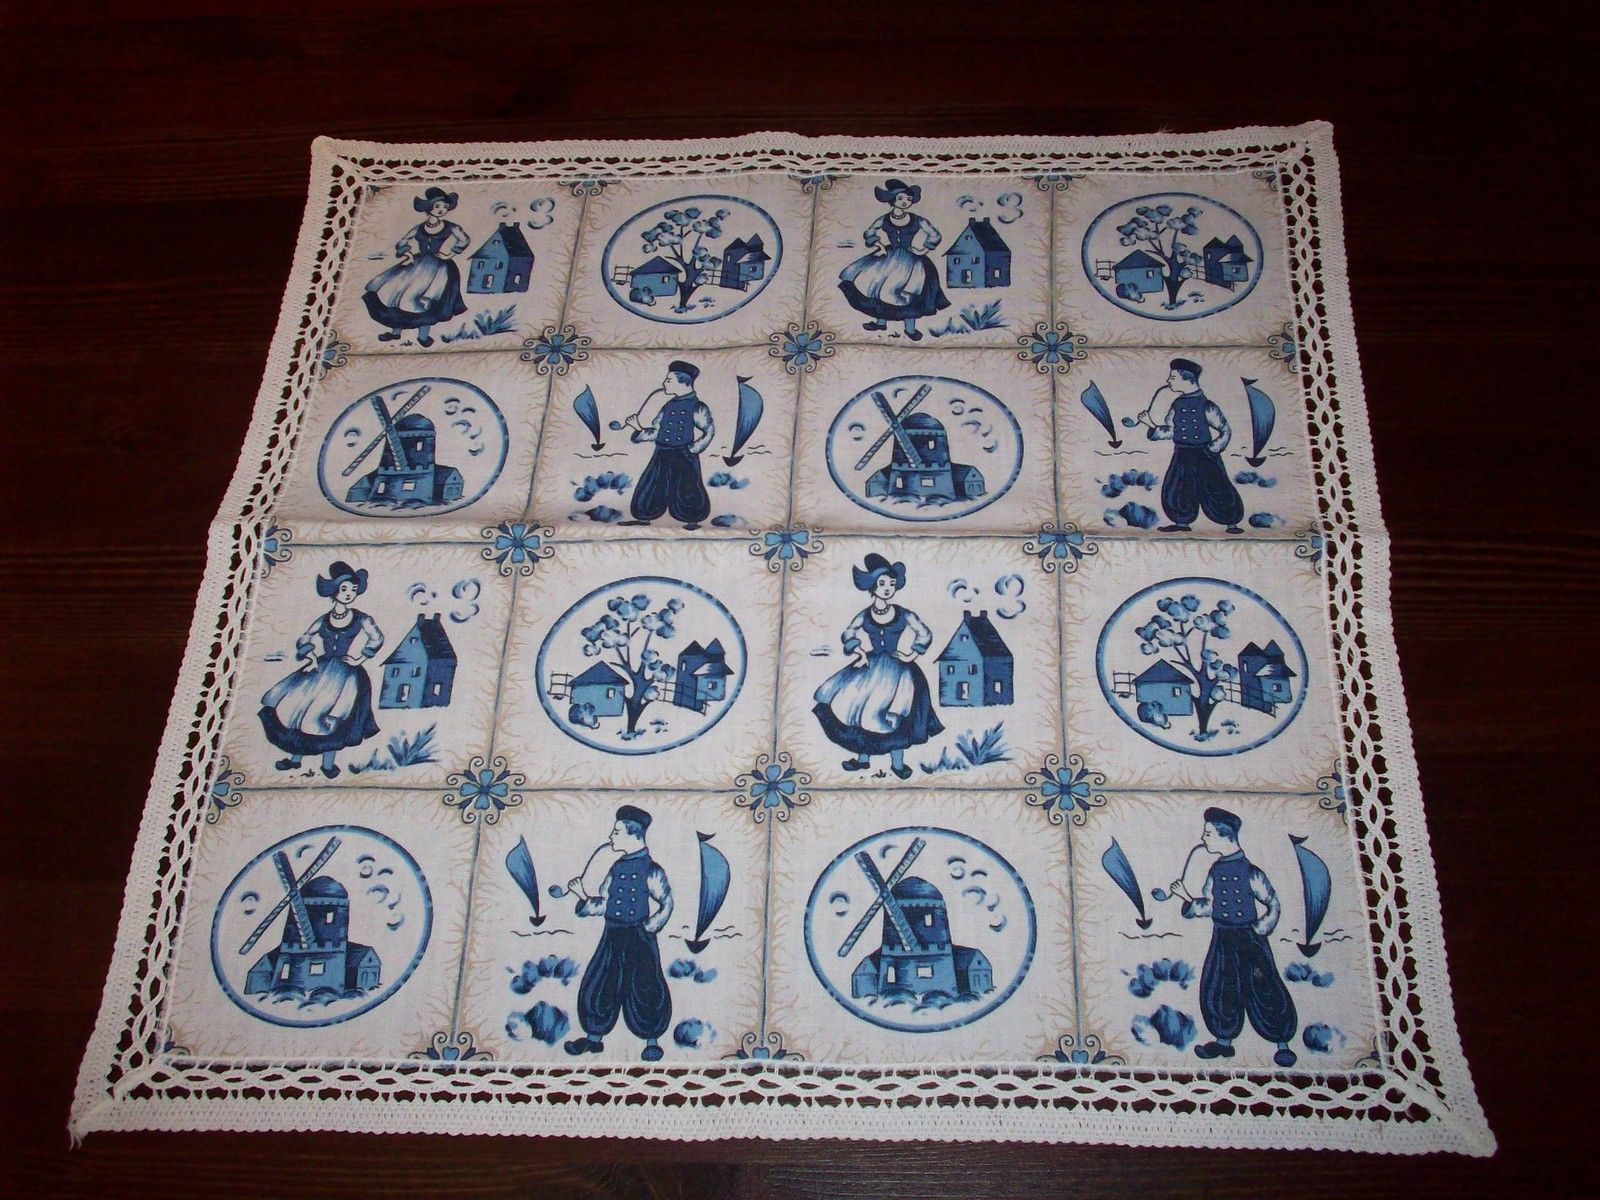 Hubsche Mitteldecke Blau Weiss Delft Motiv Holland Spitzenrand 48cm X 48cm Quilts Decor Blanket